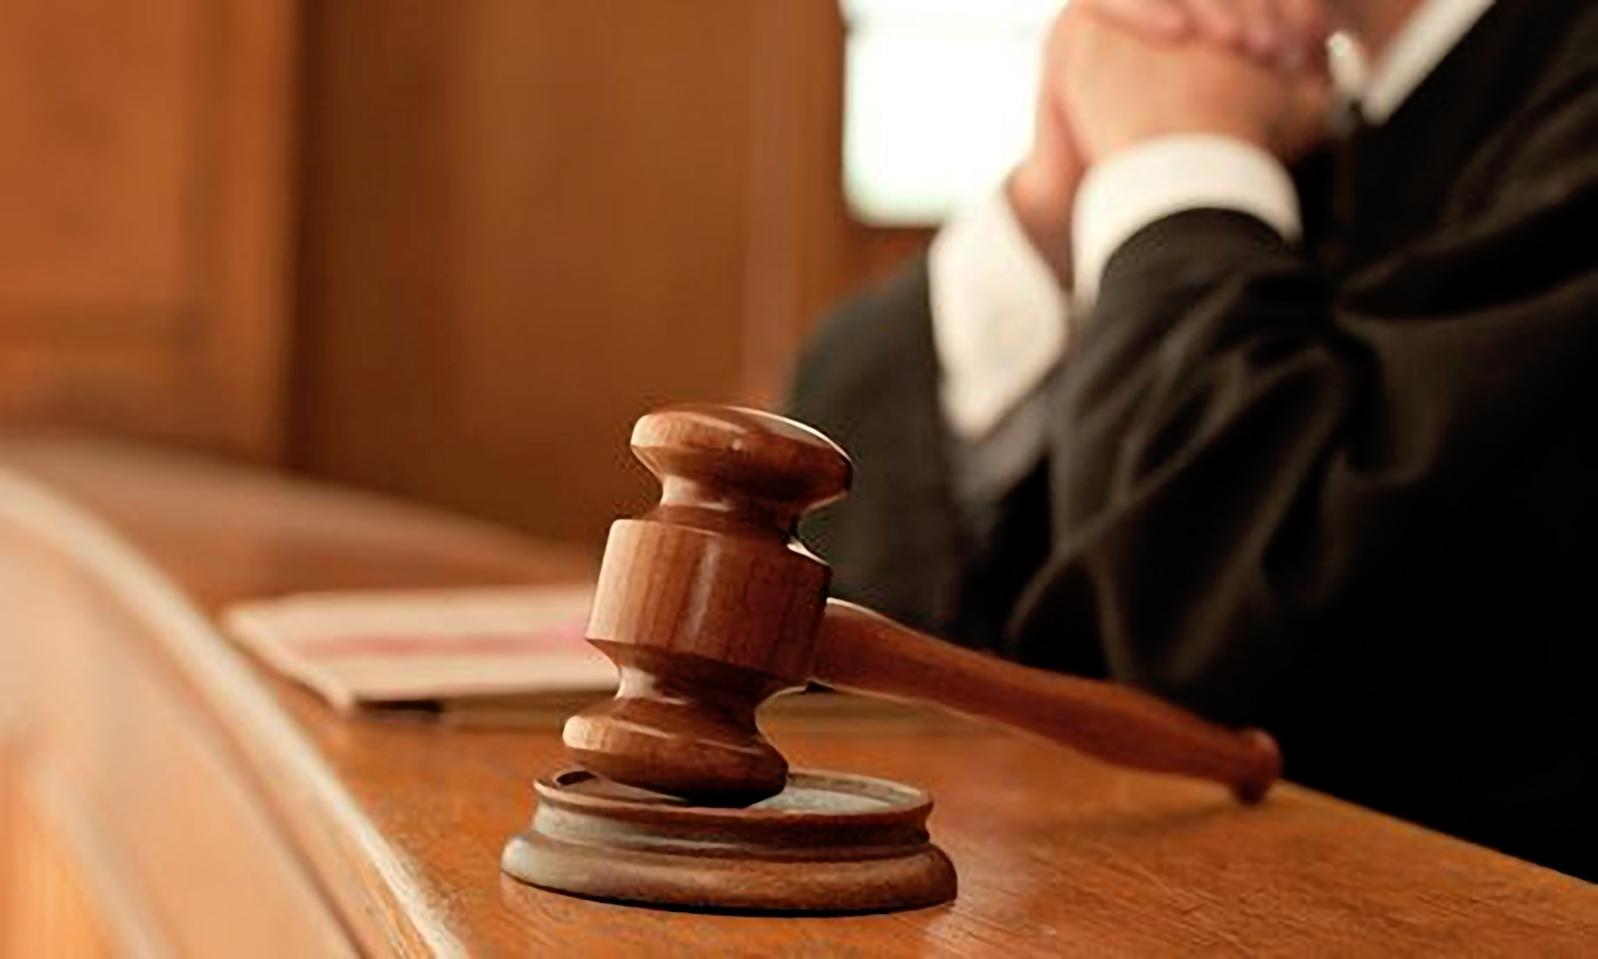 جزئیات مصاحبه علمی متقاضیان جذب اختصاصی منصب قضا ۱۳۹۵ اعلام شد